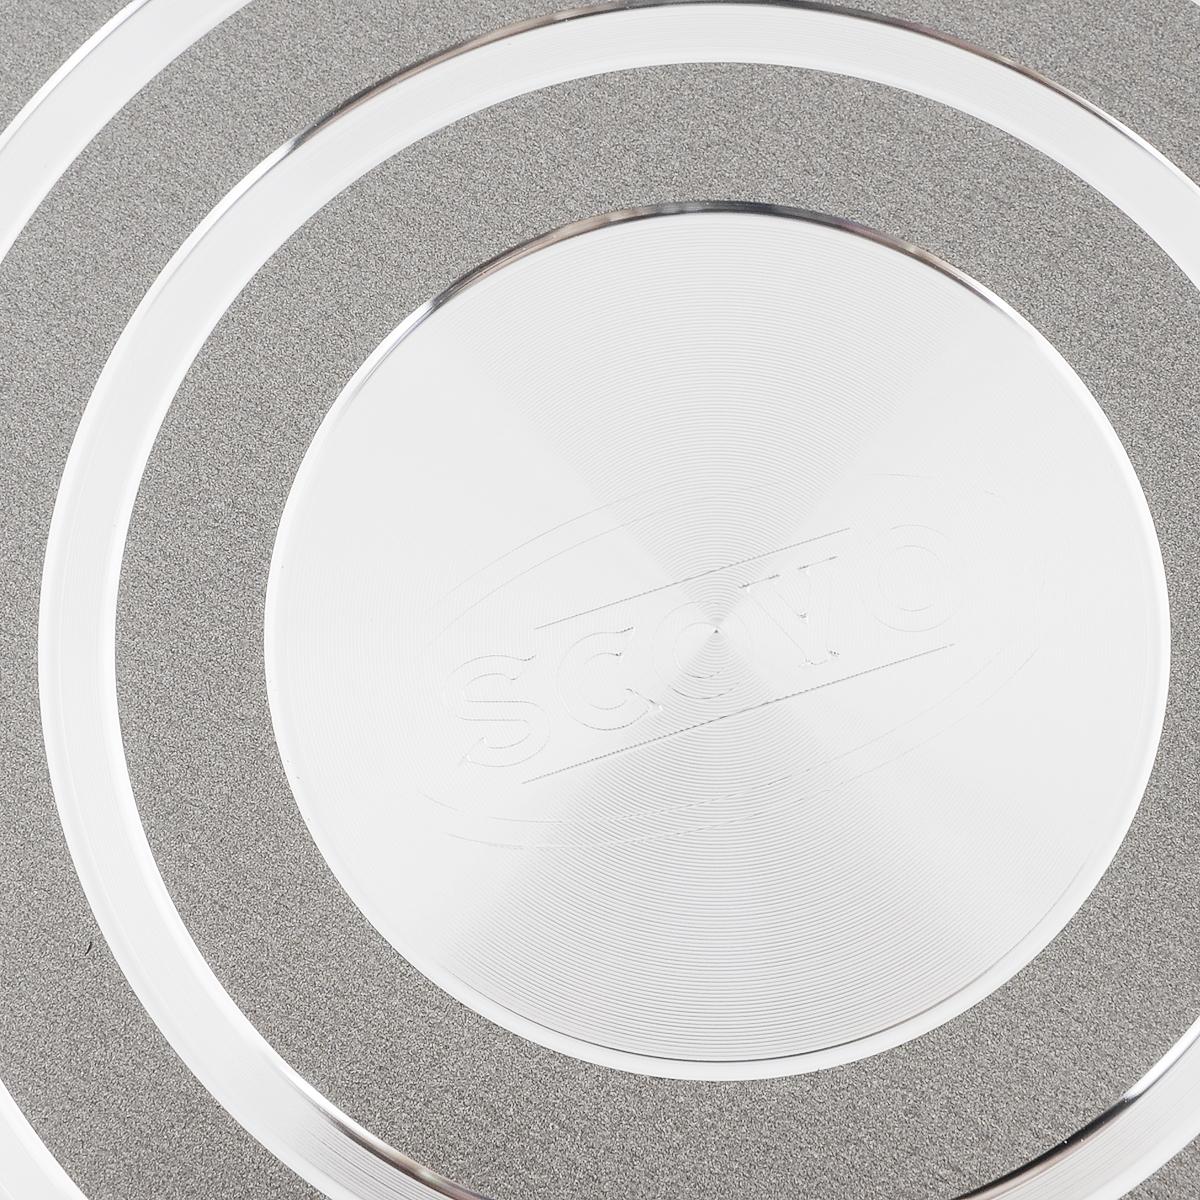 """Сковорода Scovo """"Discovery"""" изготовлена из алюминия с  антипригарным покрытием Quantum2 Whitford с рисунком  """"соты"""". Такое покрытие обеспечивает превосходные  антипригарные свойства, поэтому при готовке можно почти  не использовать подсолнечное масло. Не содержит PFOA,  соединений кадмия и свинца, поэтому посуда абсолютно  безопасна для здоровья.  Съемная ручка, выполненная из пластика, помогает решить  проблему свободного места на кухне при хранении посуды и  позволяет использовать посуду в духовке. Внешнее покрытие  Piroskan Whitford легко моется и устойчиво к царапинам.  Изделие можно использовать на газовых, электрических и  стеклокерамических плитах. Можно мыть в посудомоечной  машине.  Высота стенки: 4,3 см.  Длина ручки: 17,5 см."""